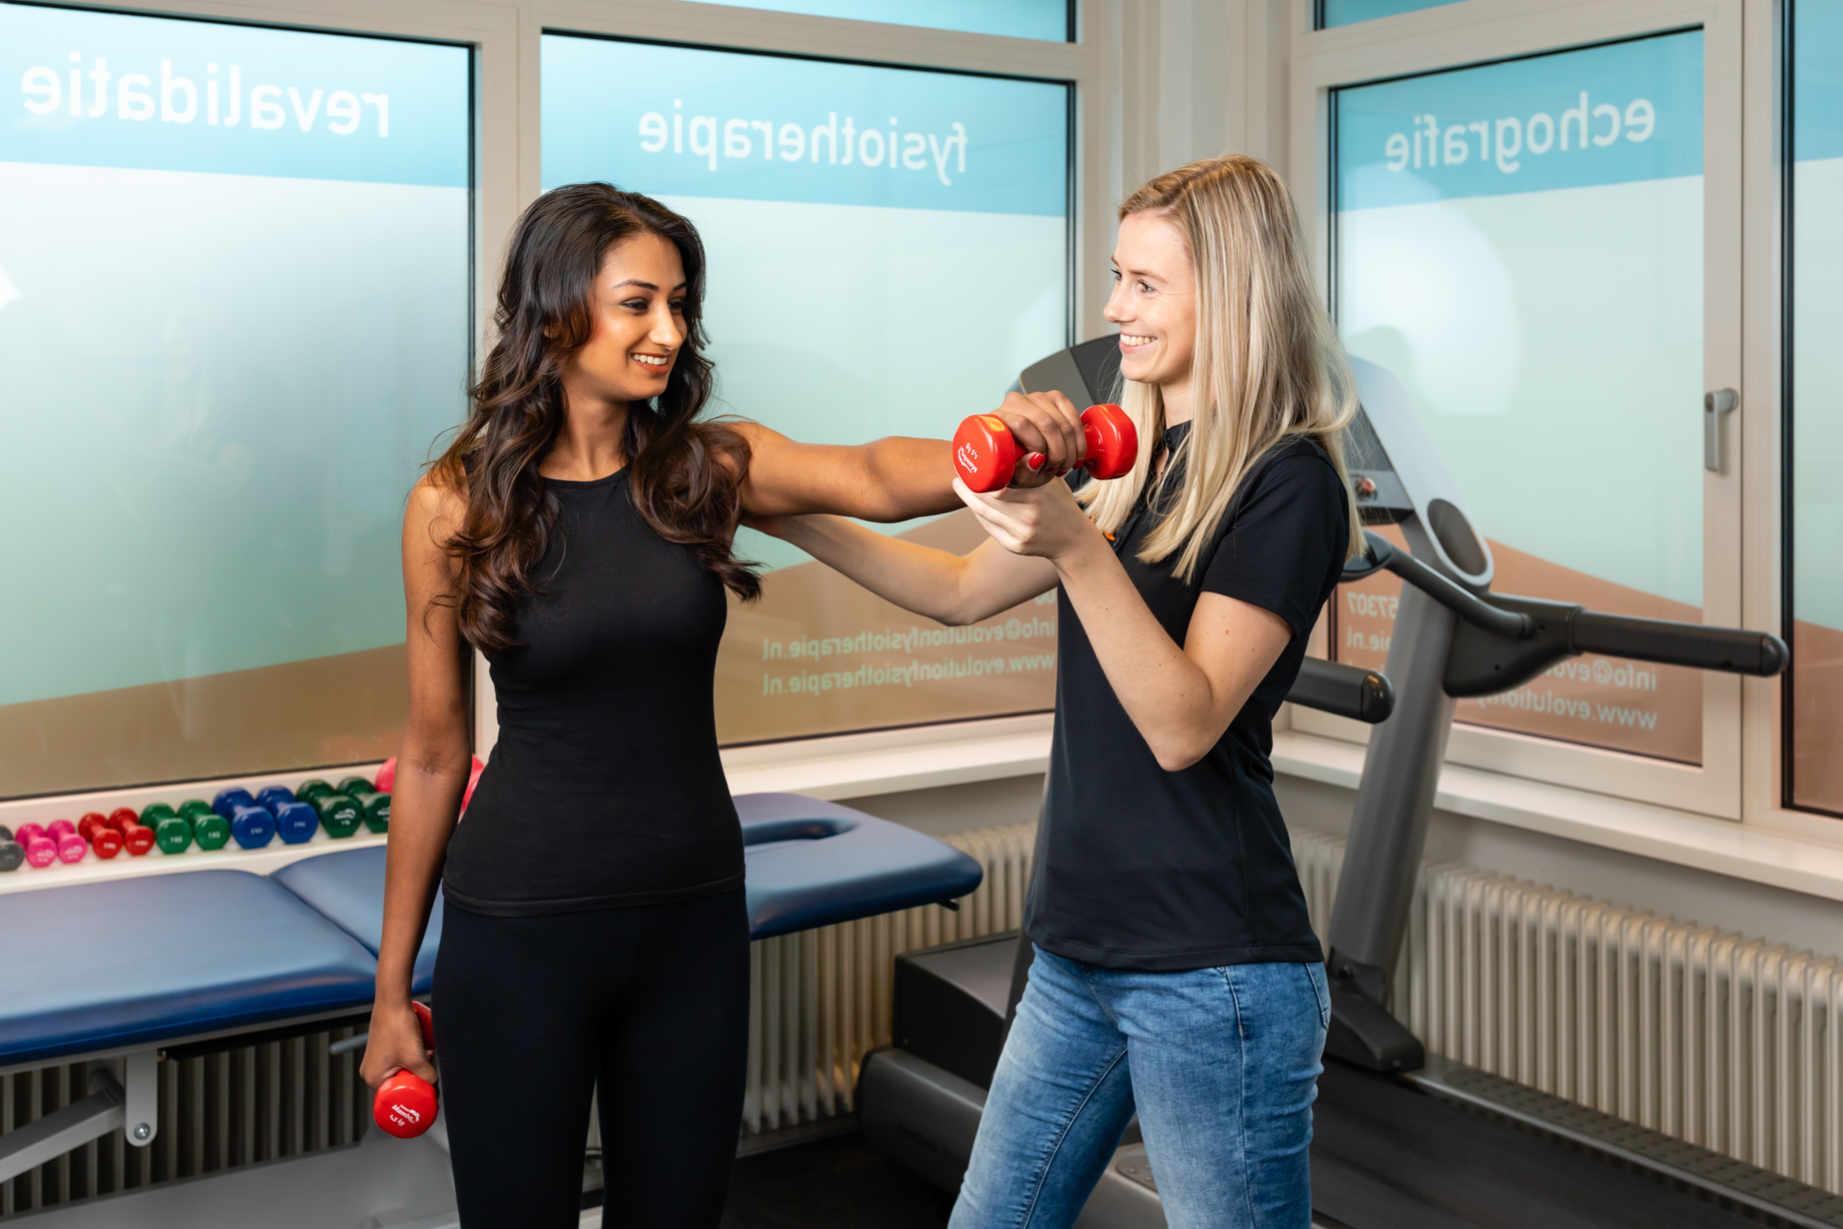 fysiotherapie Zwanenburg